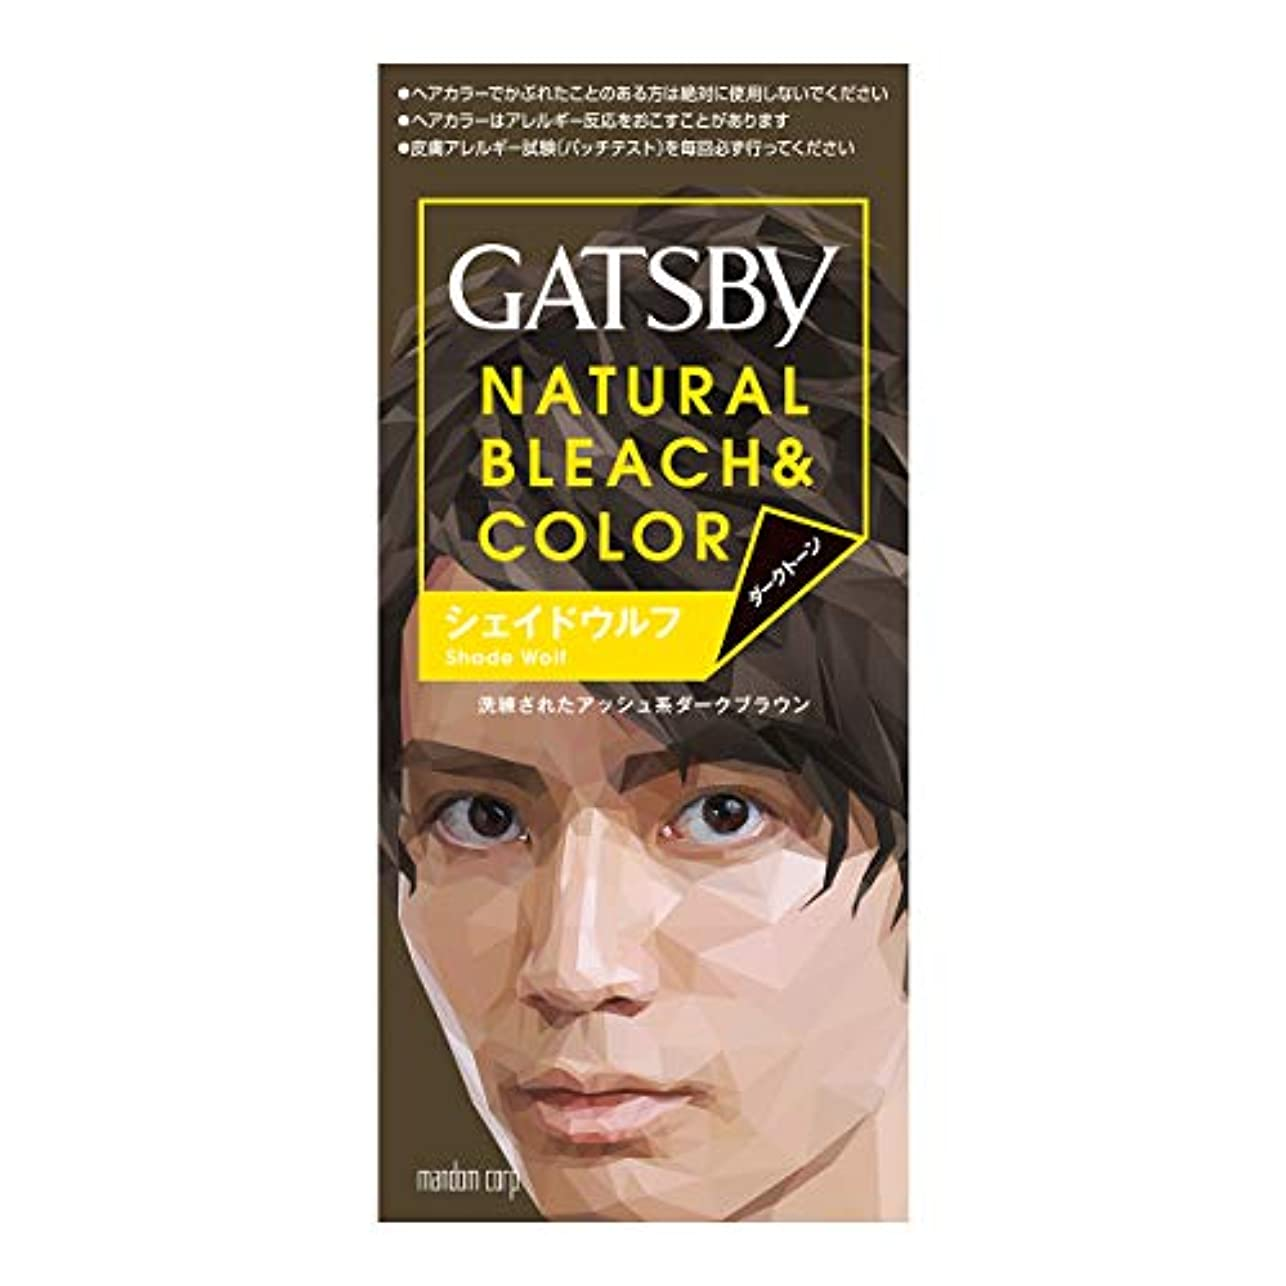 枯渇あなたのものとんでもないGATSBY(ギャツビー) ナチュラルブリーチカラー シェイドウルフ 1剤35g 2剤70mL (医薬部外品)